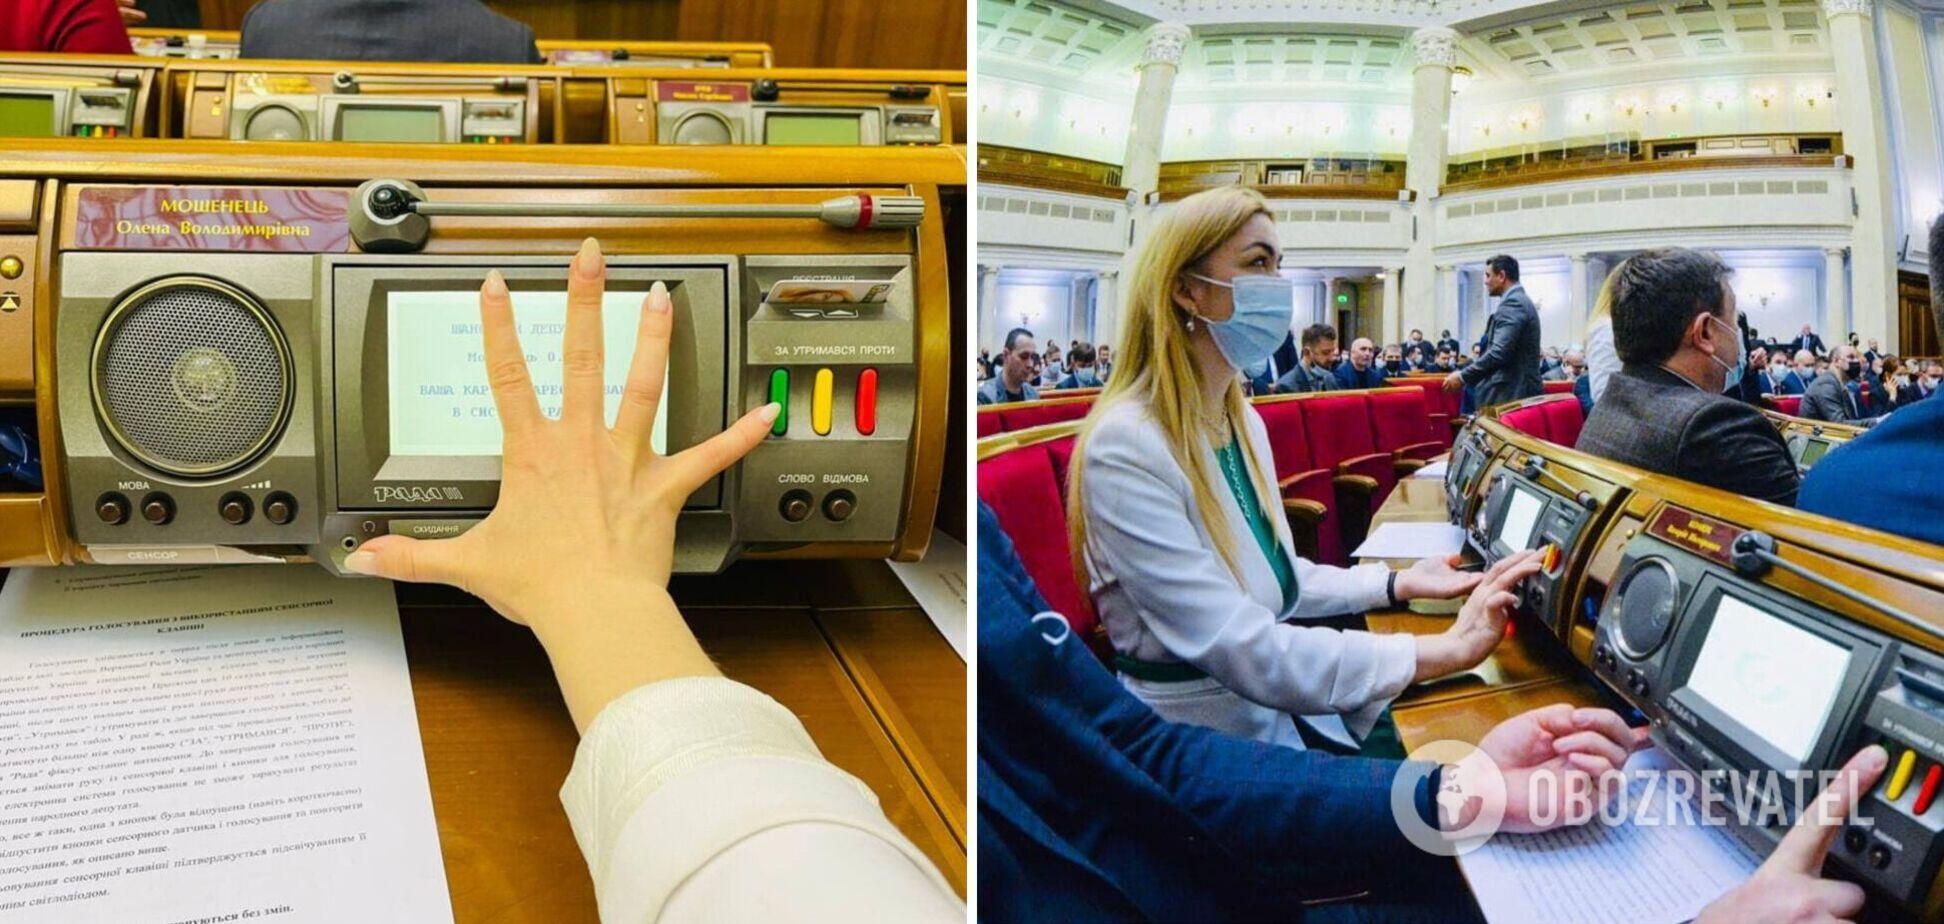 Победа над 'пианистами'? В Раде начали голосовать сенсорной кнопкой: детали, фото и видео